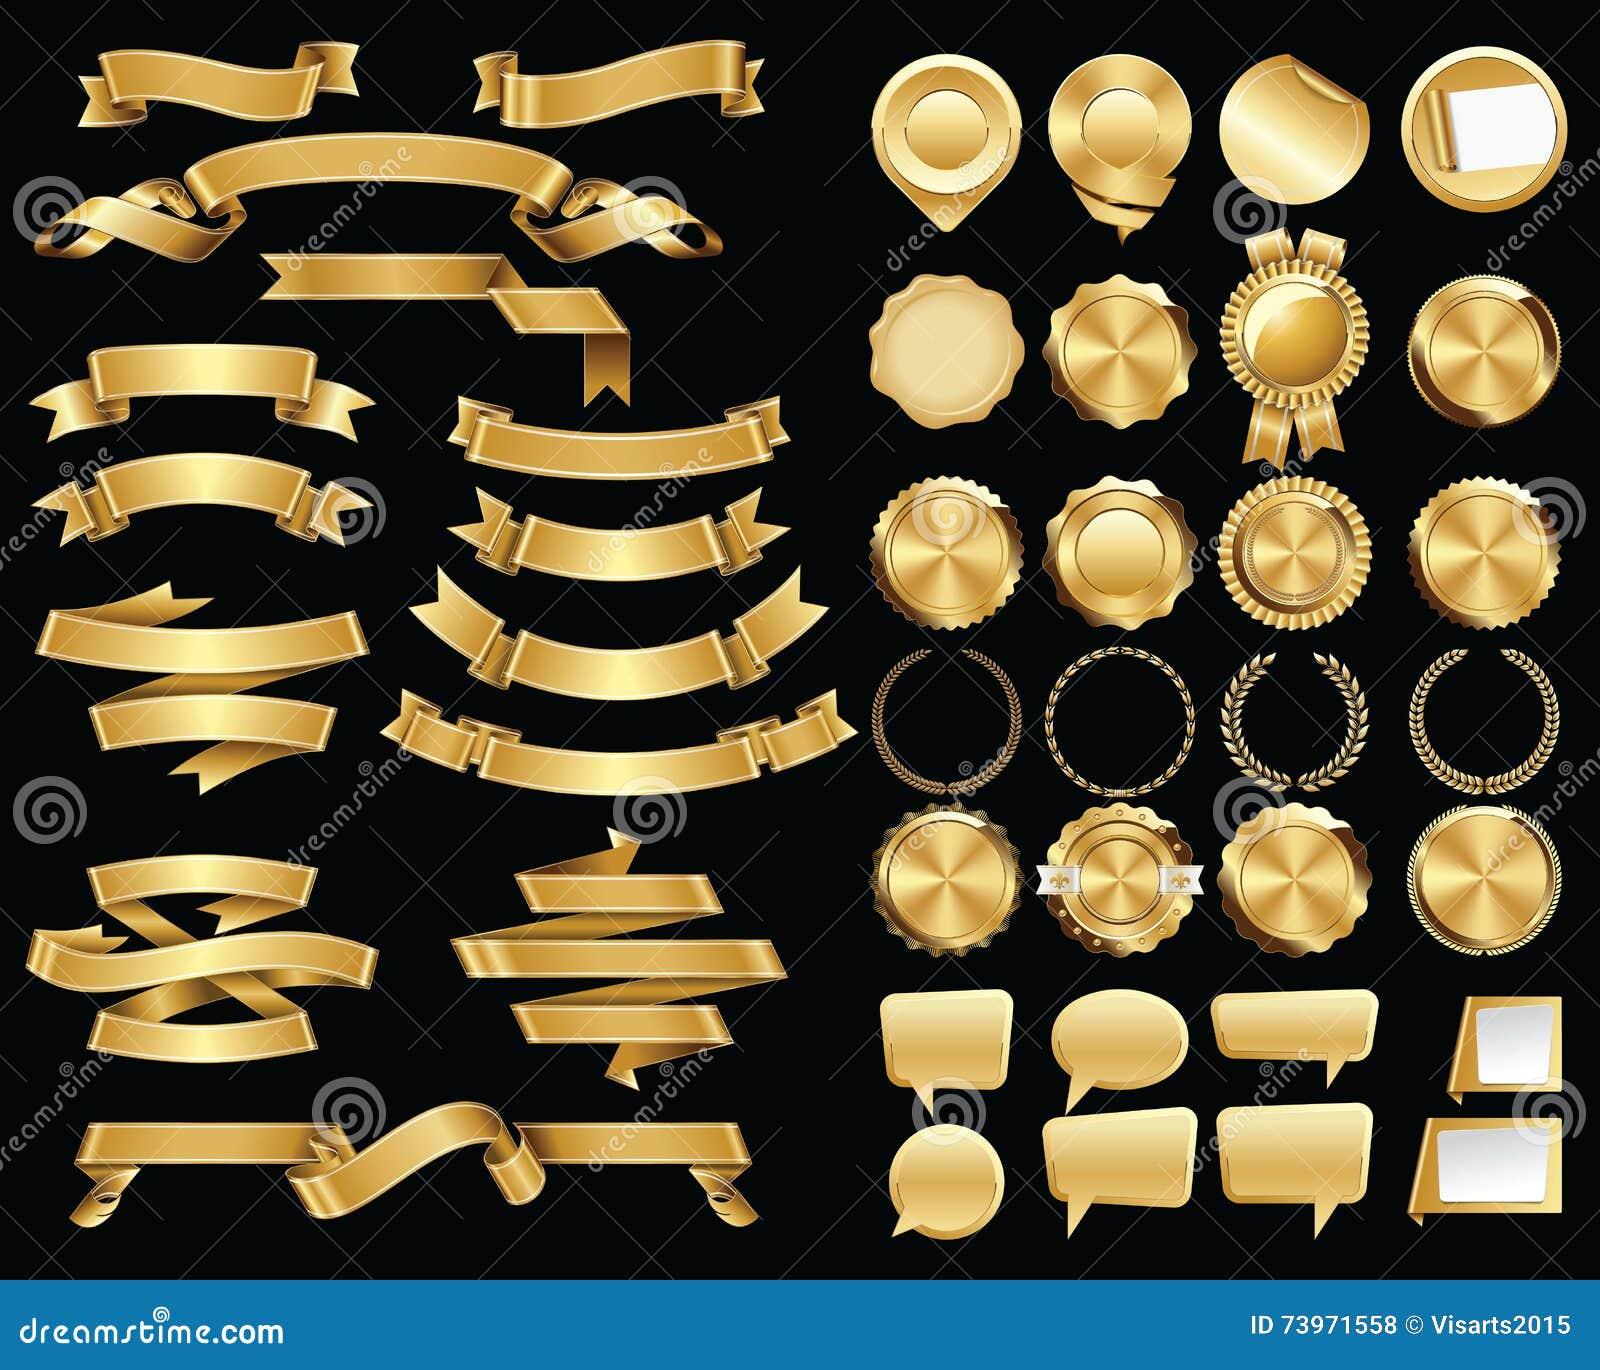 Σύνολο χρυσών κορδελλών και σφραγίδων και διακριτικών πιστοποιητικών